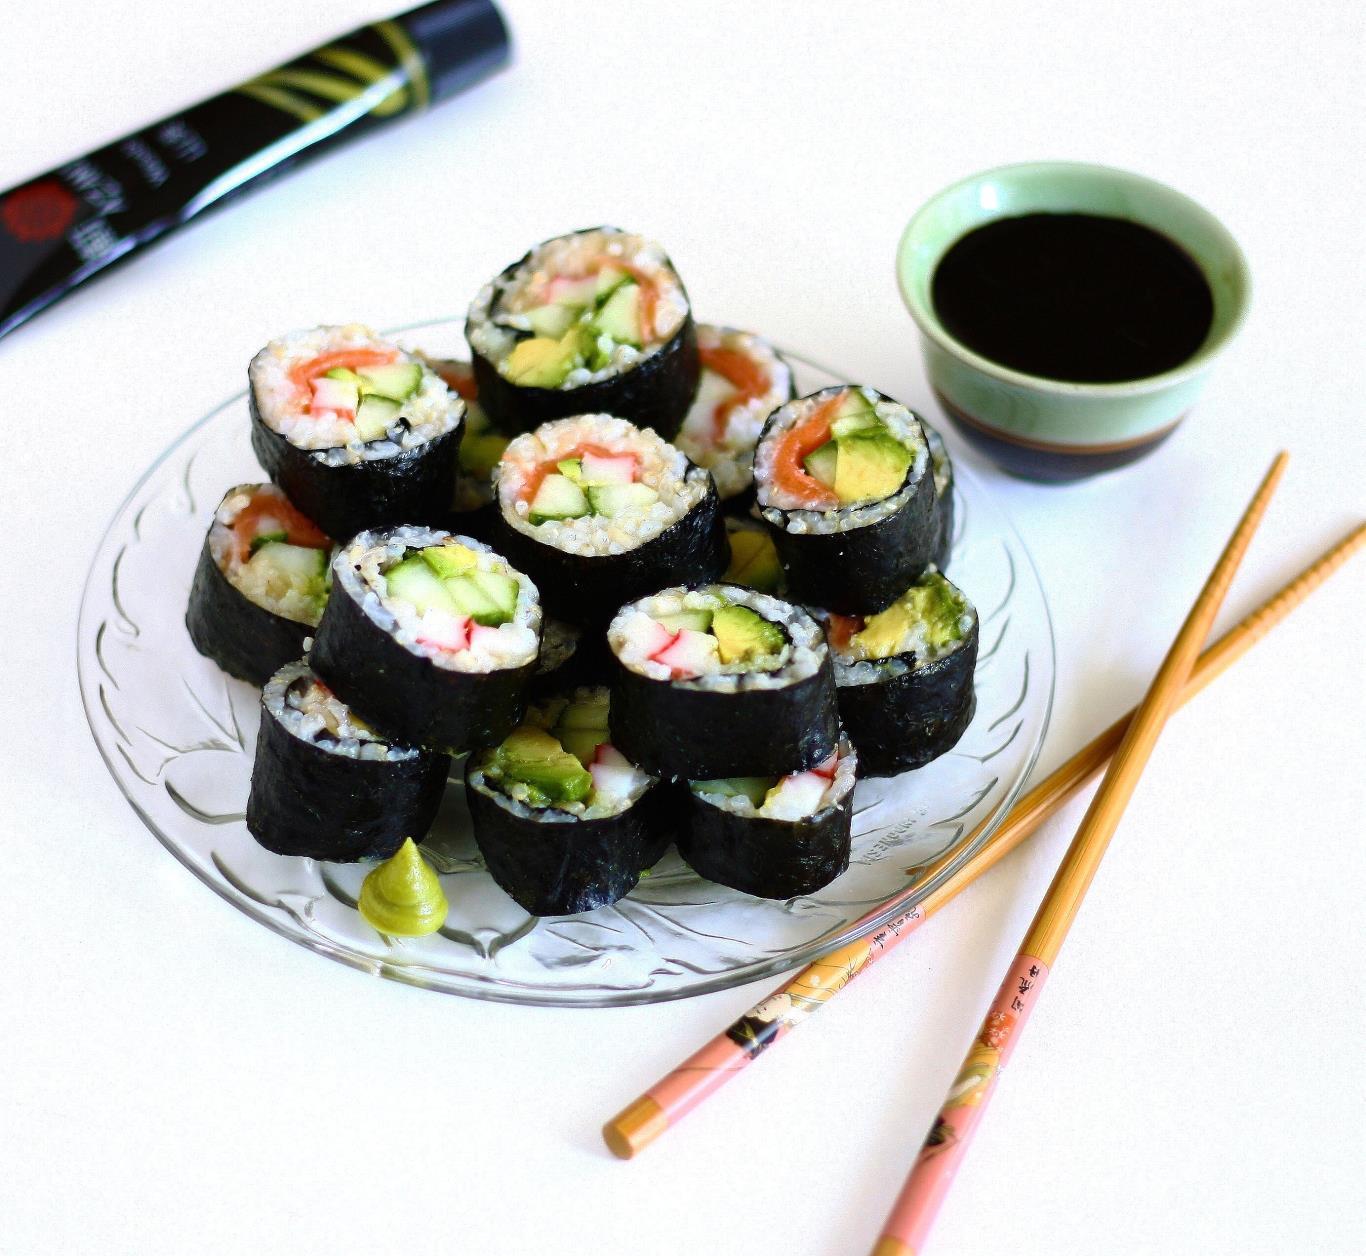 Món ăn này không chỉ là đặc sản của Nhật Bản mà đã được đem tới hầu hết mọi quốc gia trên thế giới. Sự kết hợp tinh tế giữa cơm, rong biển, các loại rau củ, hải sản hay thịt, với phong cách chế biến đầy tính nghệ thuật đã khiến món ăn này được nhiều người yêu thích.